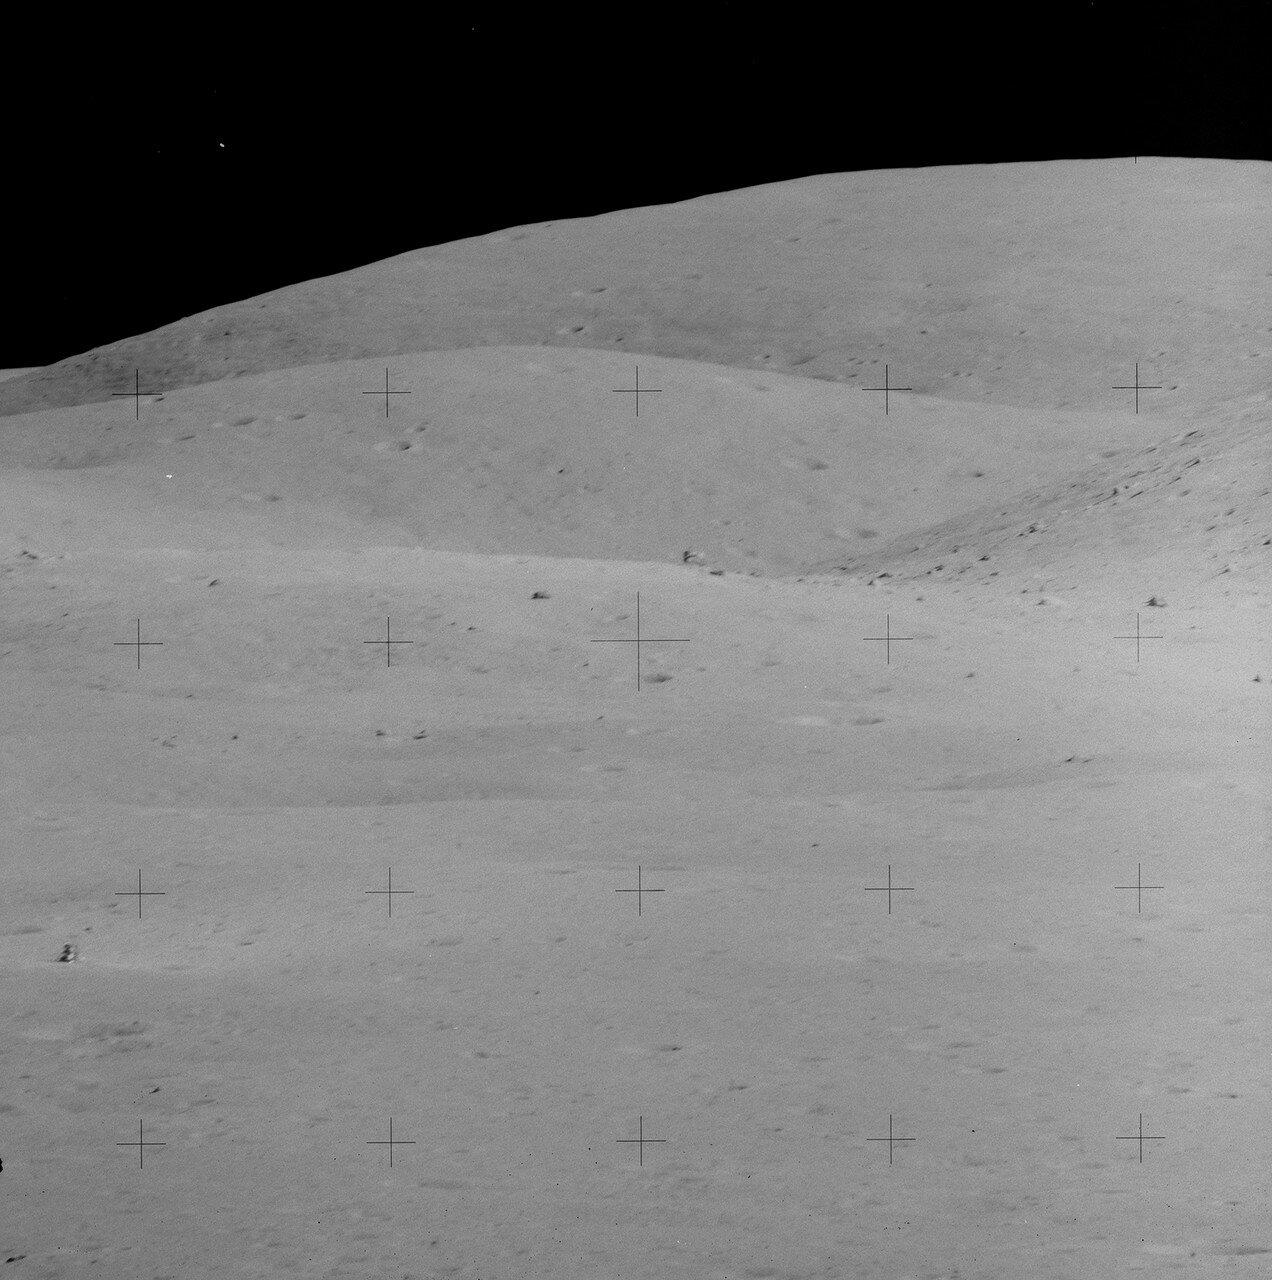 До первой геологической остановки (Station 4) во второй поездке астронавты добрались примерно за 38 минут На снимке: Лунный модуль «Орион» вдали (слева внизу). Видна скала House Rock, огромный валун на краю кратера Северный Луч